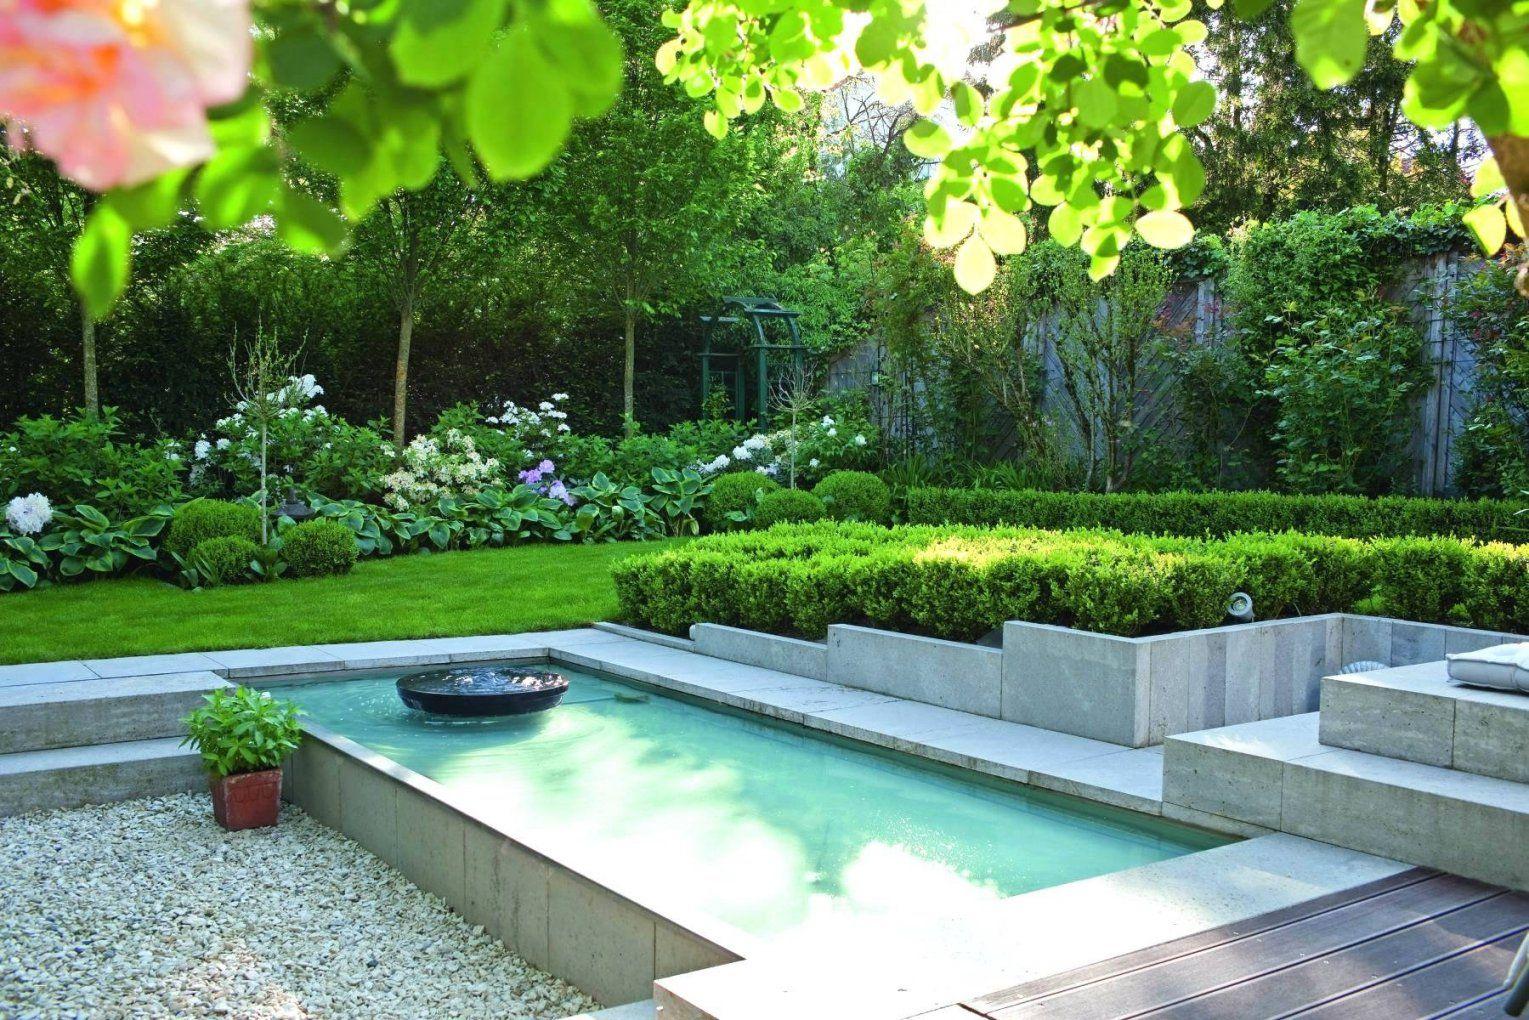 Kleiner Garten Ideen Neu Einzigartig 40 Kleine Gärten Gestalten von Kleine Gärten Gestalten Beispiele Photo